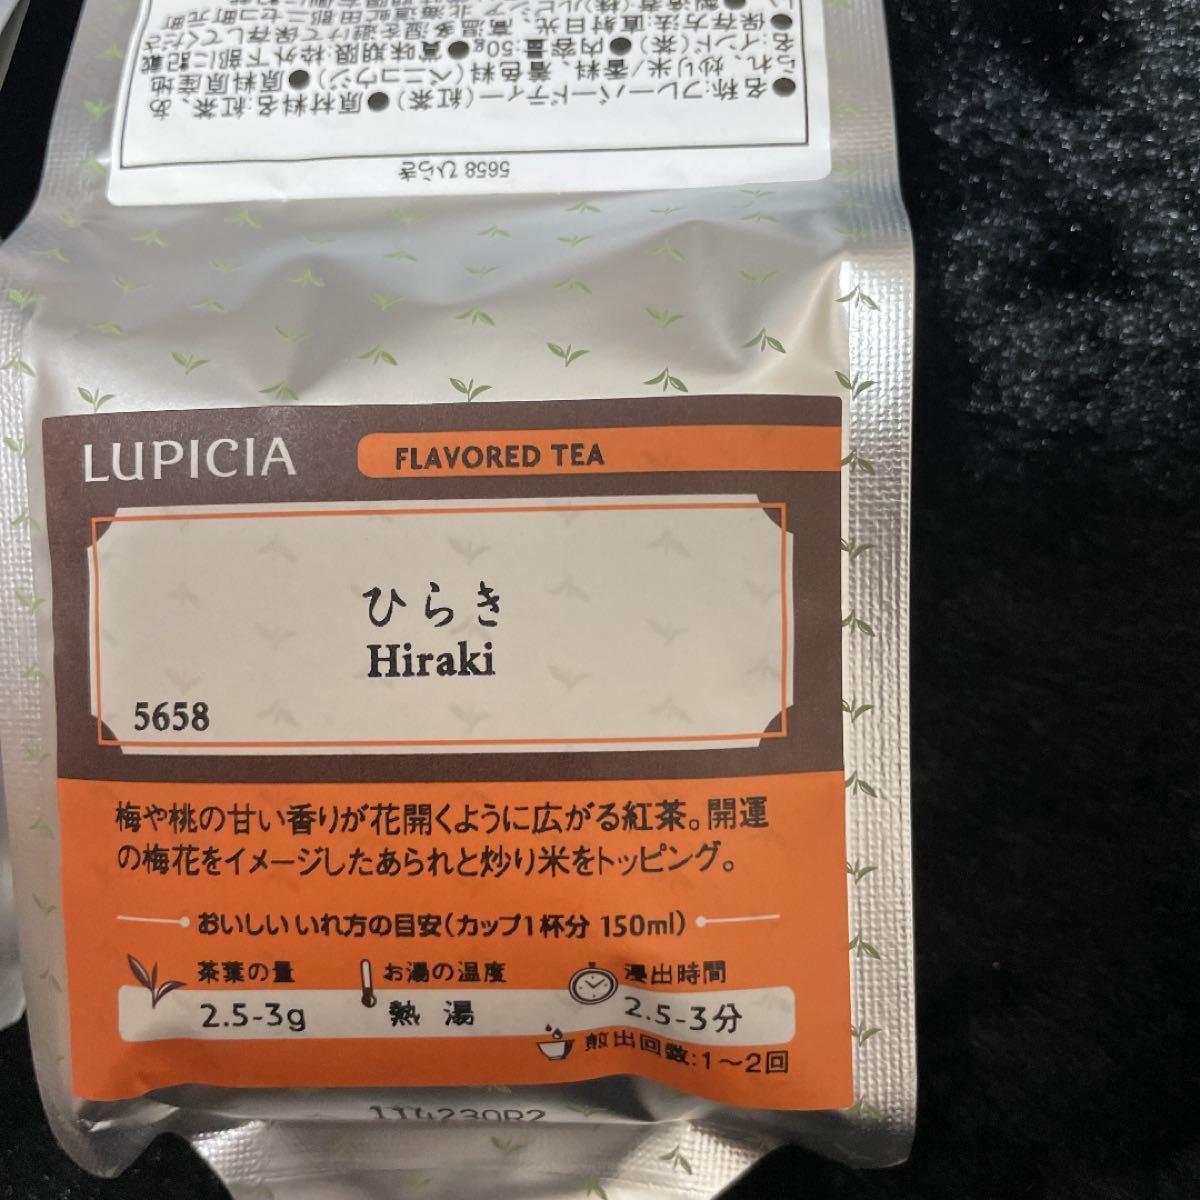 ルピシア 紅茶 フレー ルピシア 紅茶 ひらき お茶 ティー tea